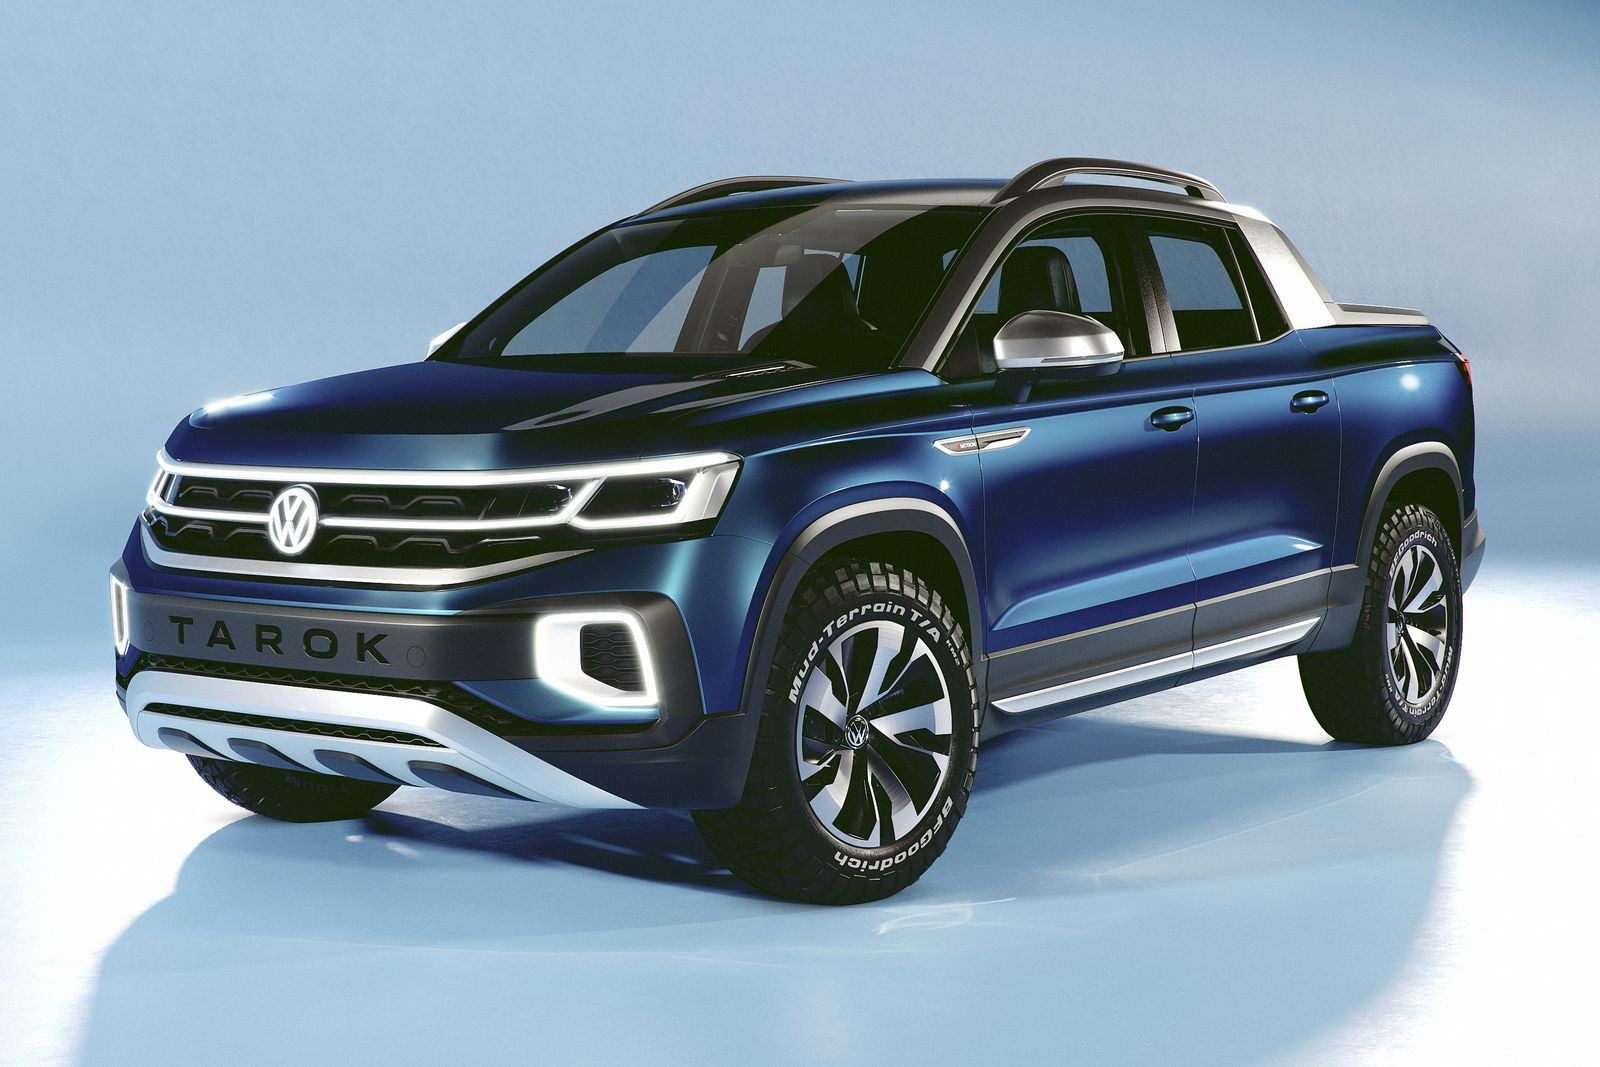 Volkswagen Tarok может легко превратиться в новый пикап Ford.